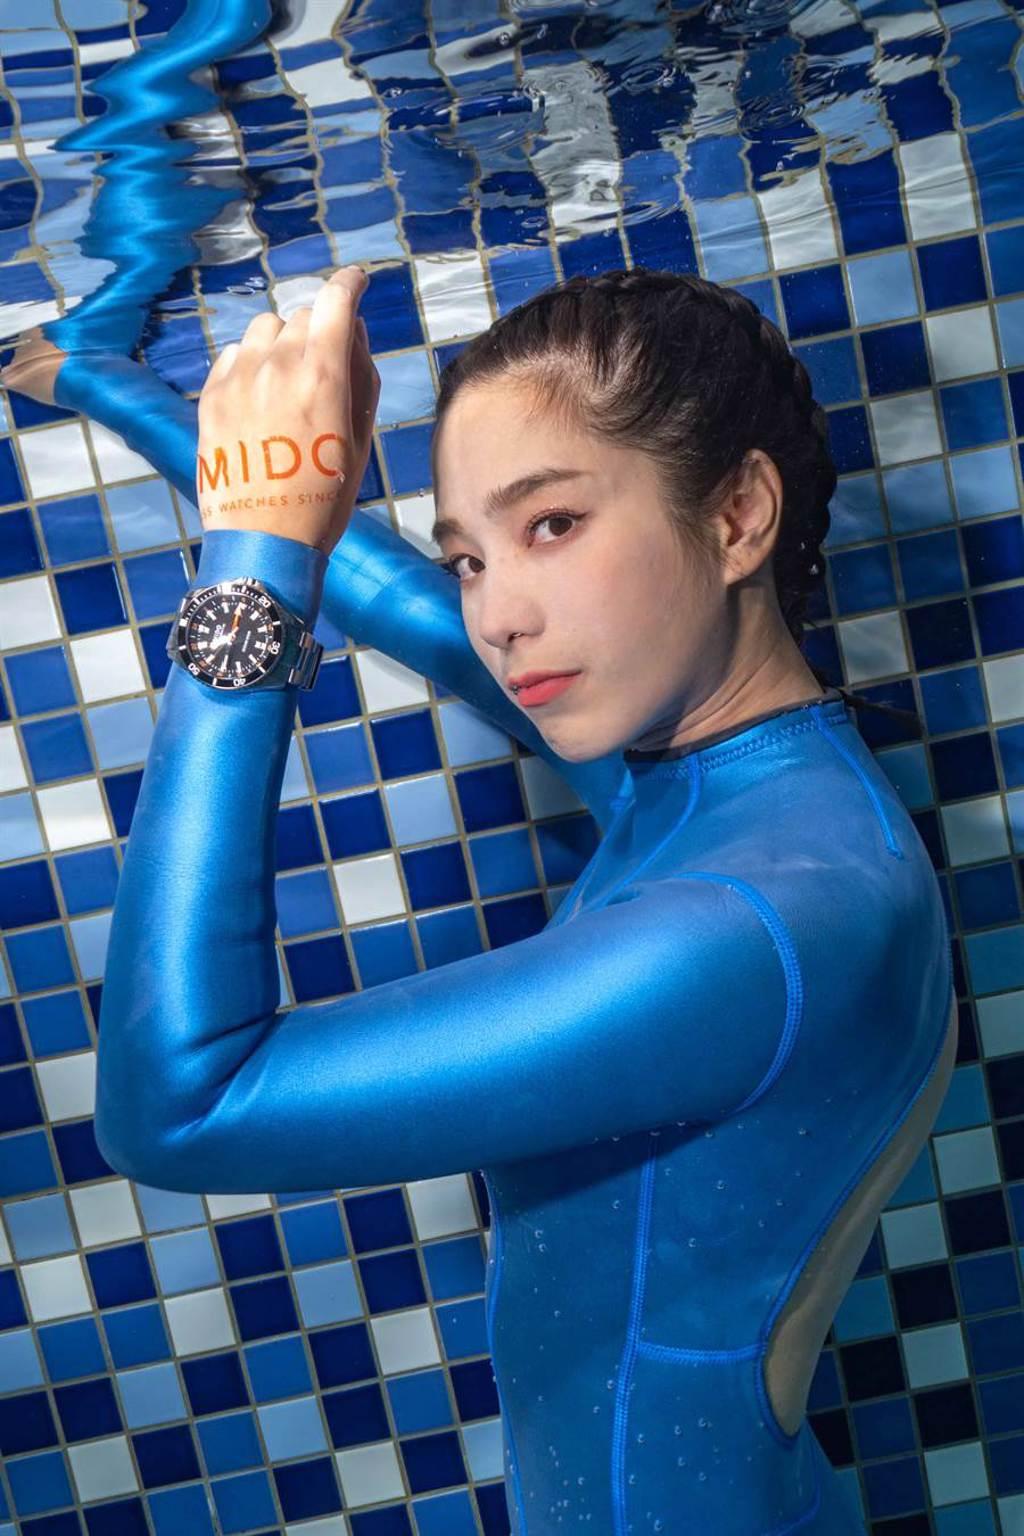 温貞菱濕身處女秀挑戰水下攝影 攜手美度表化身美人魚(圖/品牌提供)